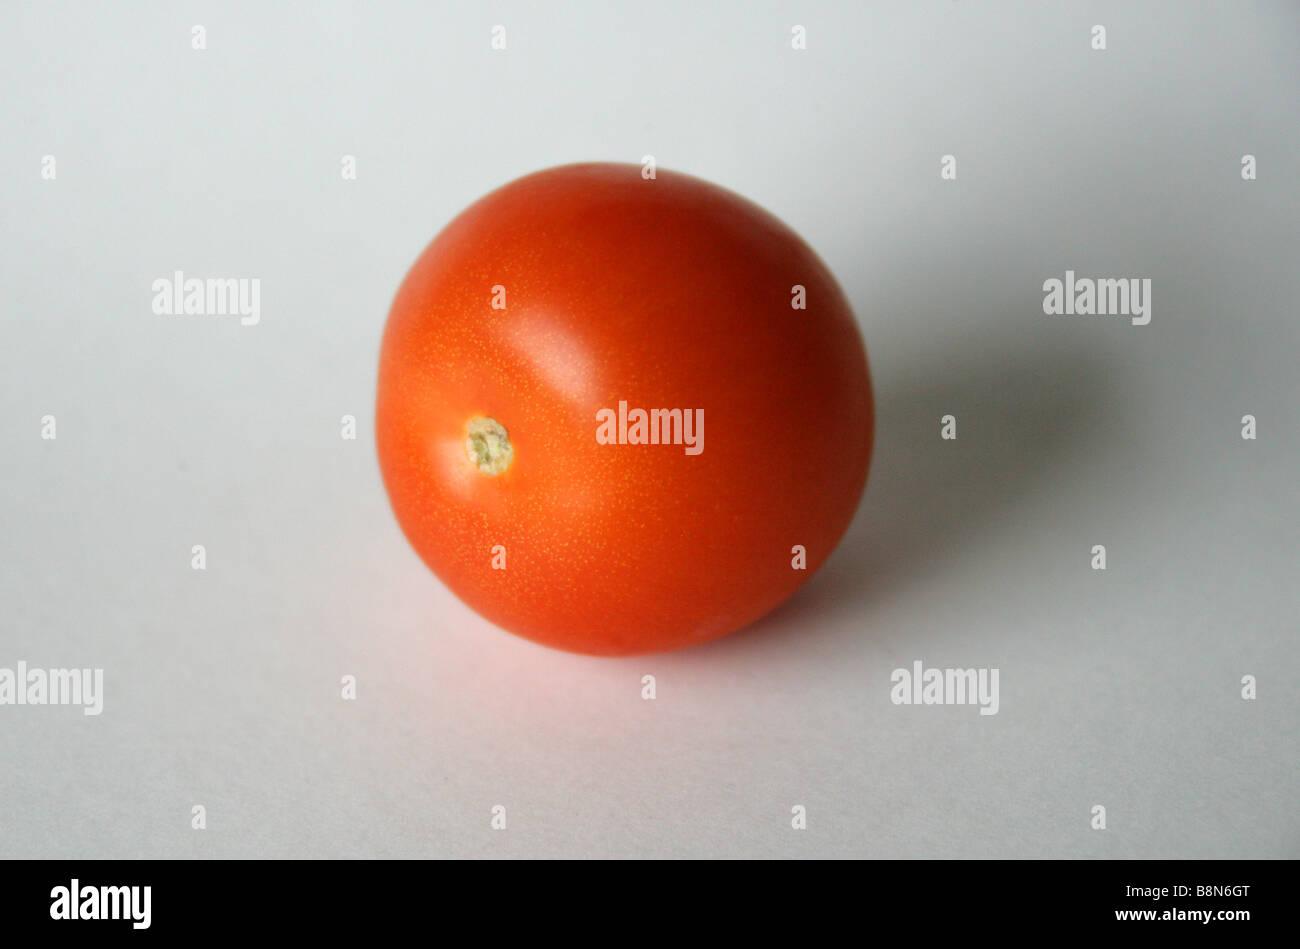 Tomato, Solanum lycopersicum syn Lycopersicon lycopersicum - Stock Image